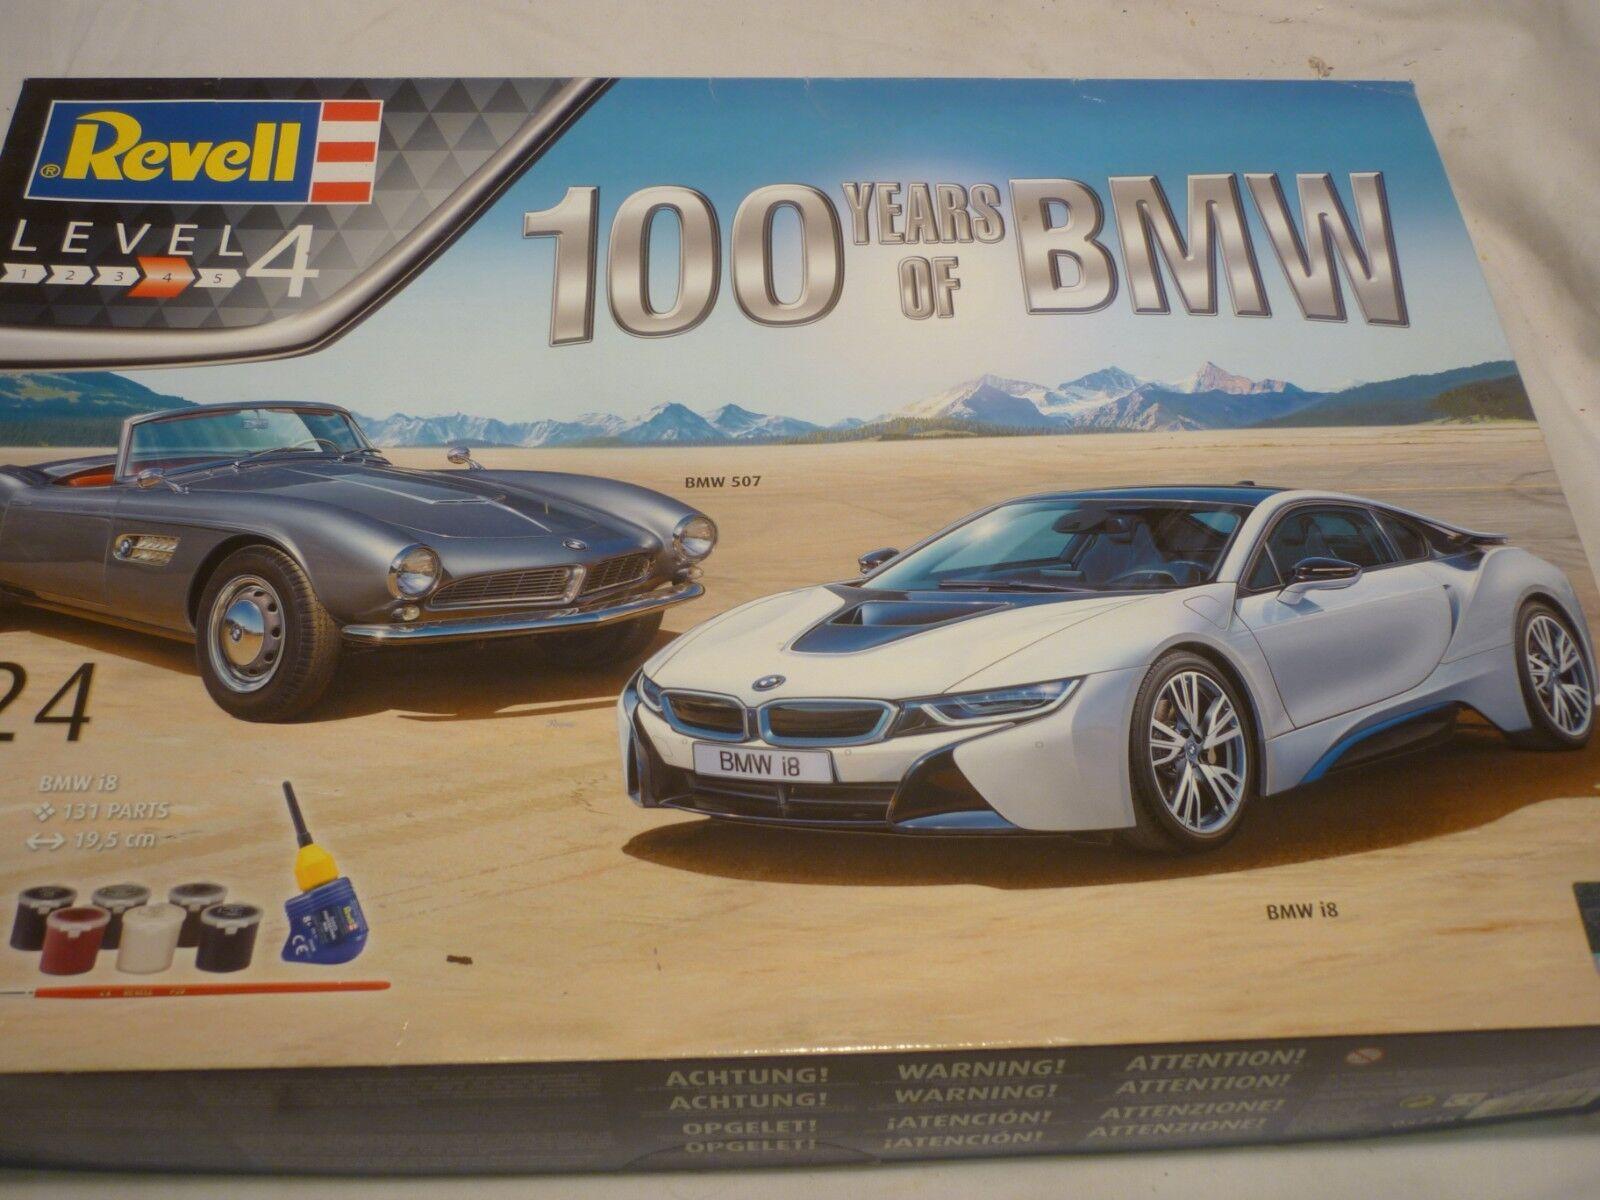 Ett plastkit av Revell i en 100 -års BMW, 2 -biluppsättning BMW i8 och BMW 507